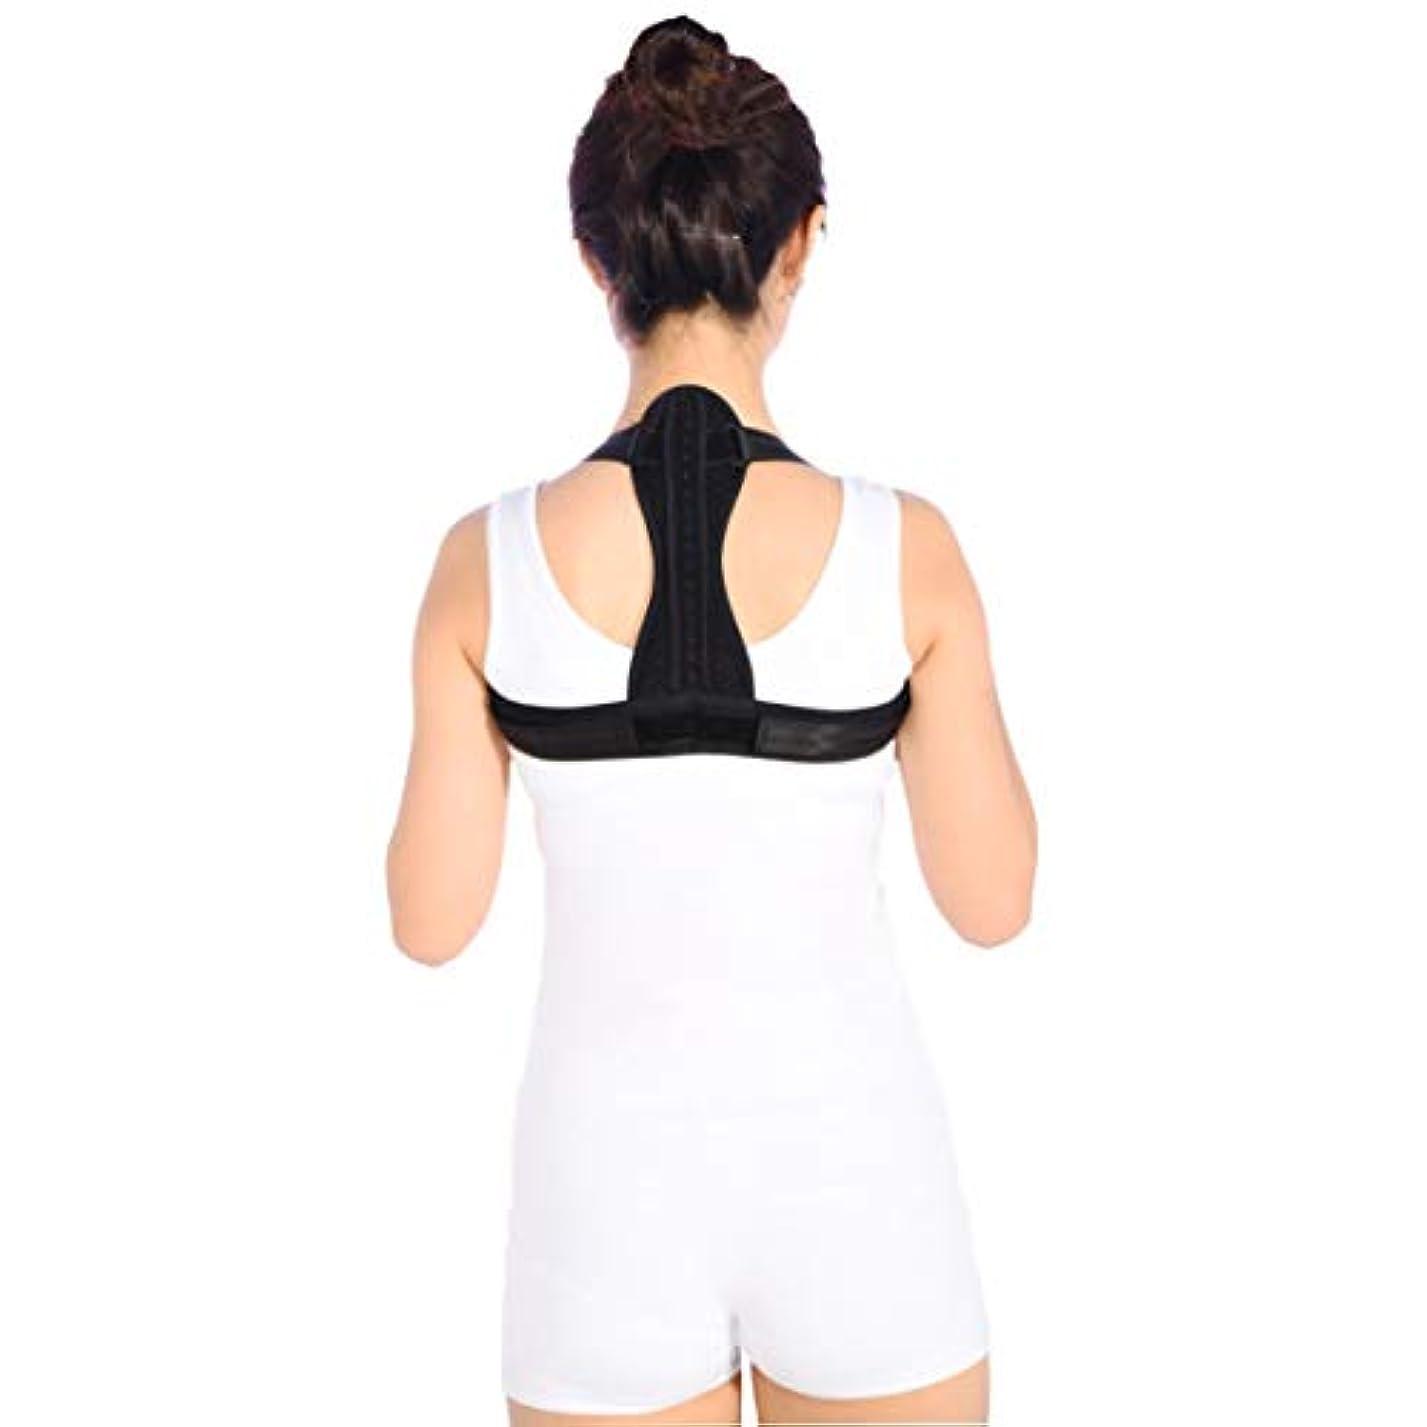 レンドマーク粉砕する通気性の脊柱側弯症ザトウクジラ補正ベルト調節可能な快適さ目に見えないベルト男性女性大人学生子供 - 黒